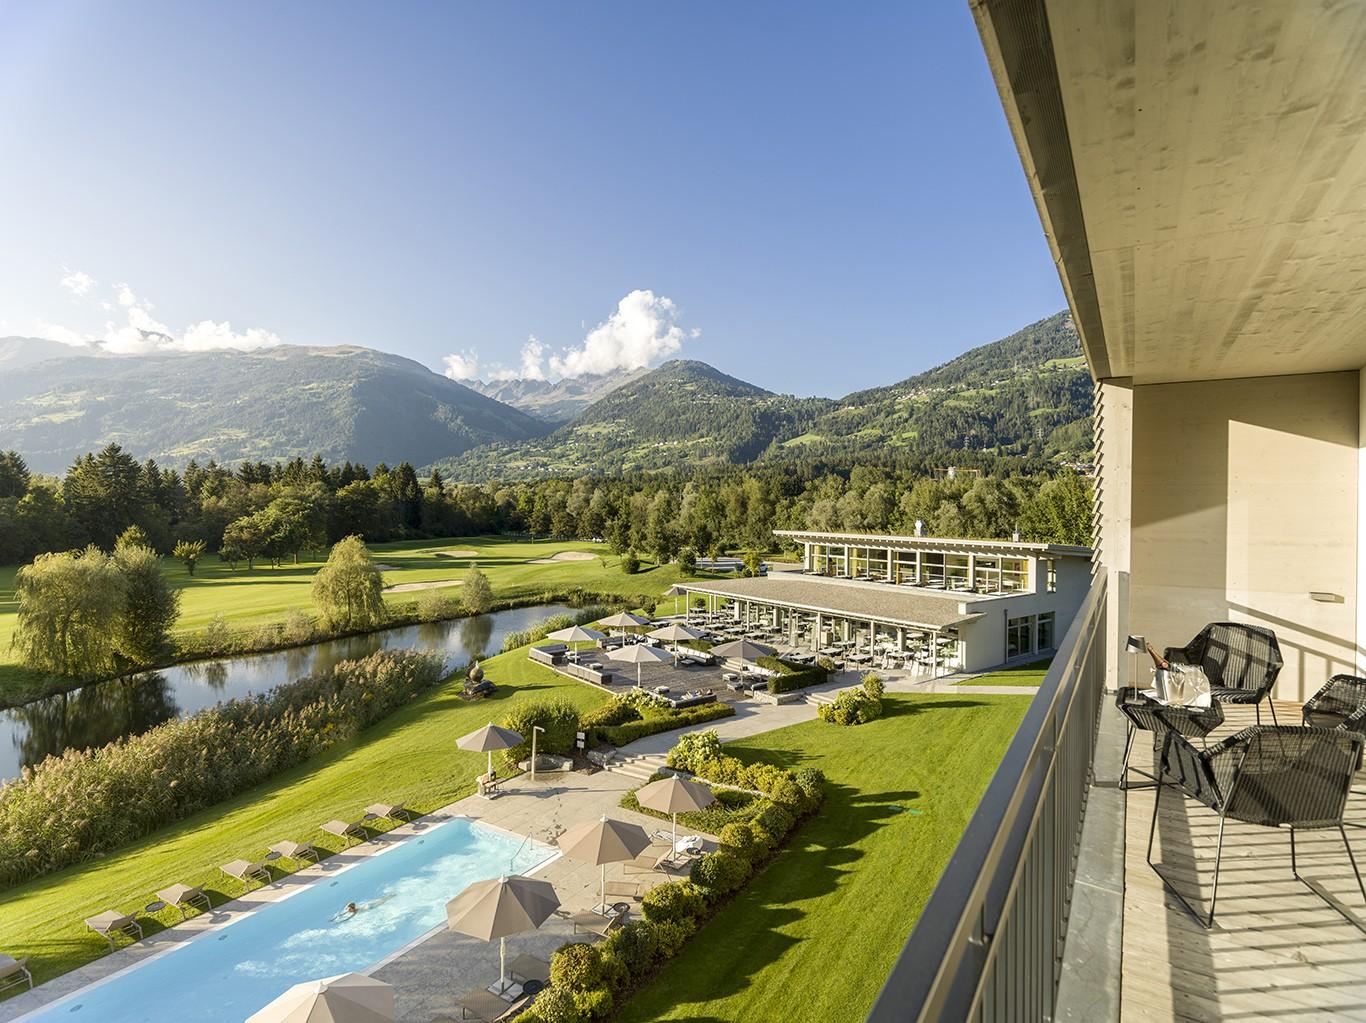 Dolomitengolf Resort: Noch mehr Luxus